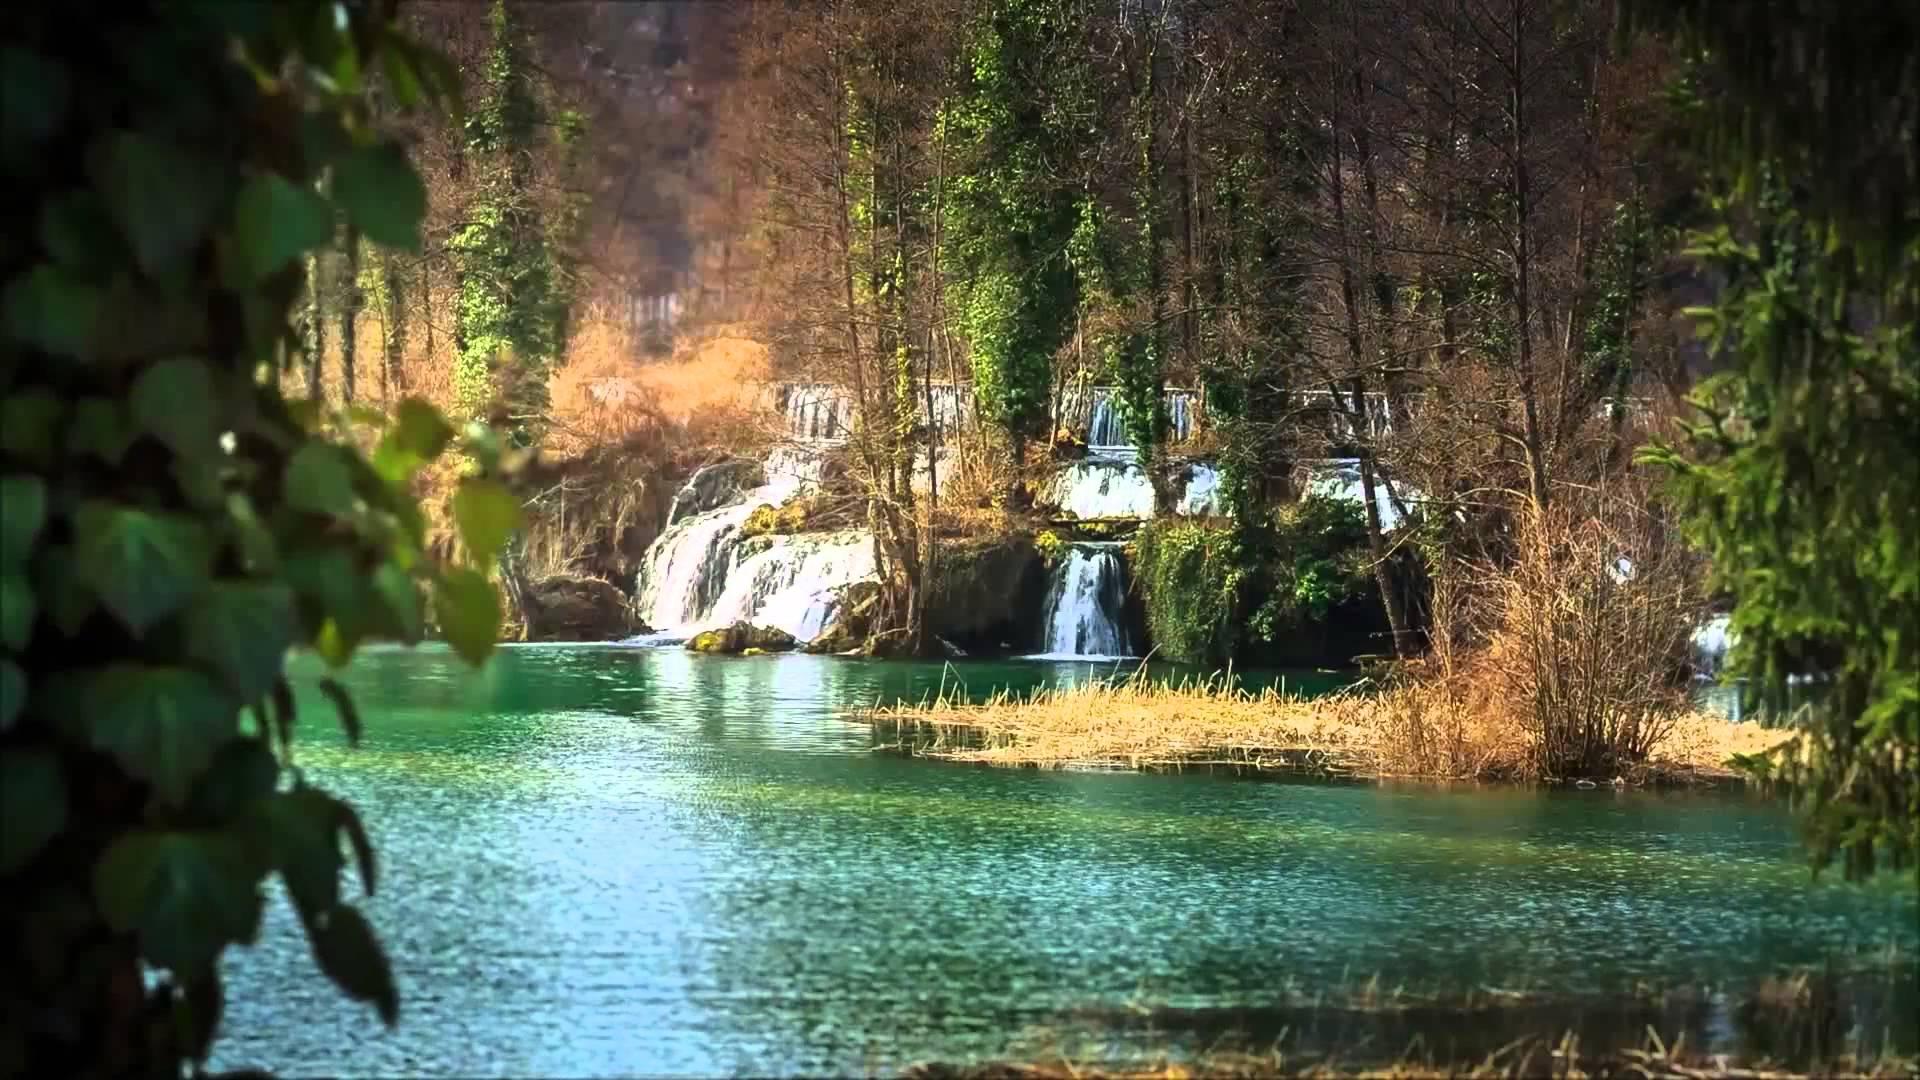 بالصور صور طبيعية , اجمل المناظر والاماكن السياحية الطبيعية 4406 8